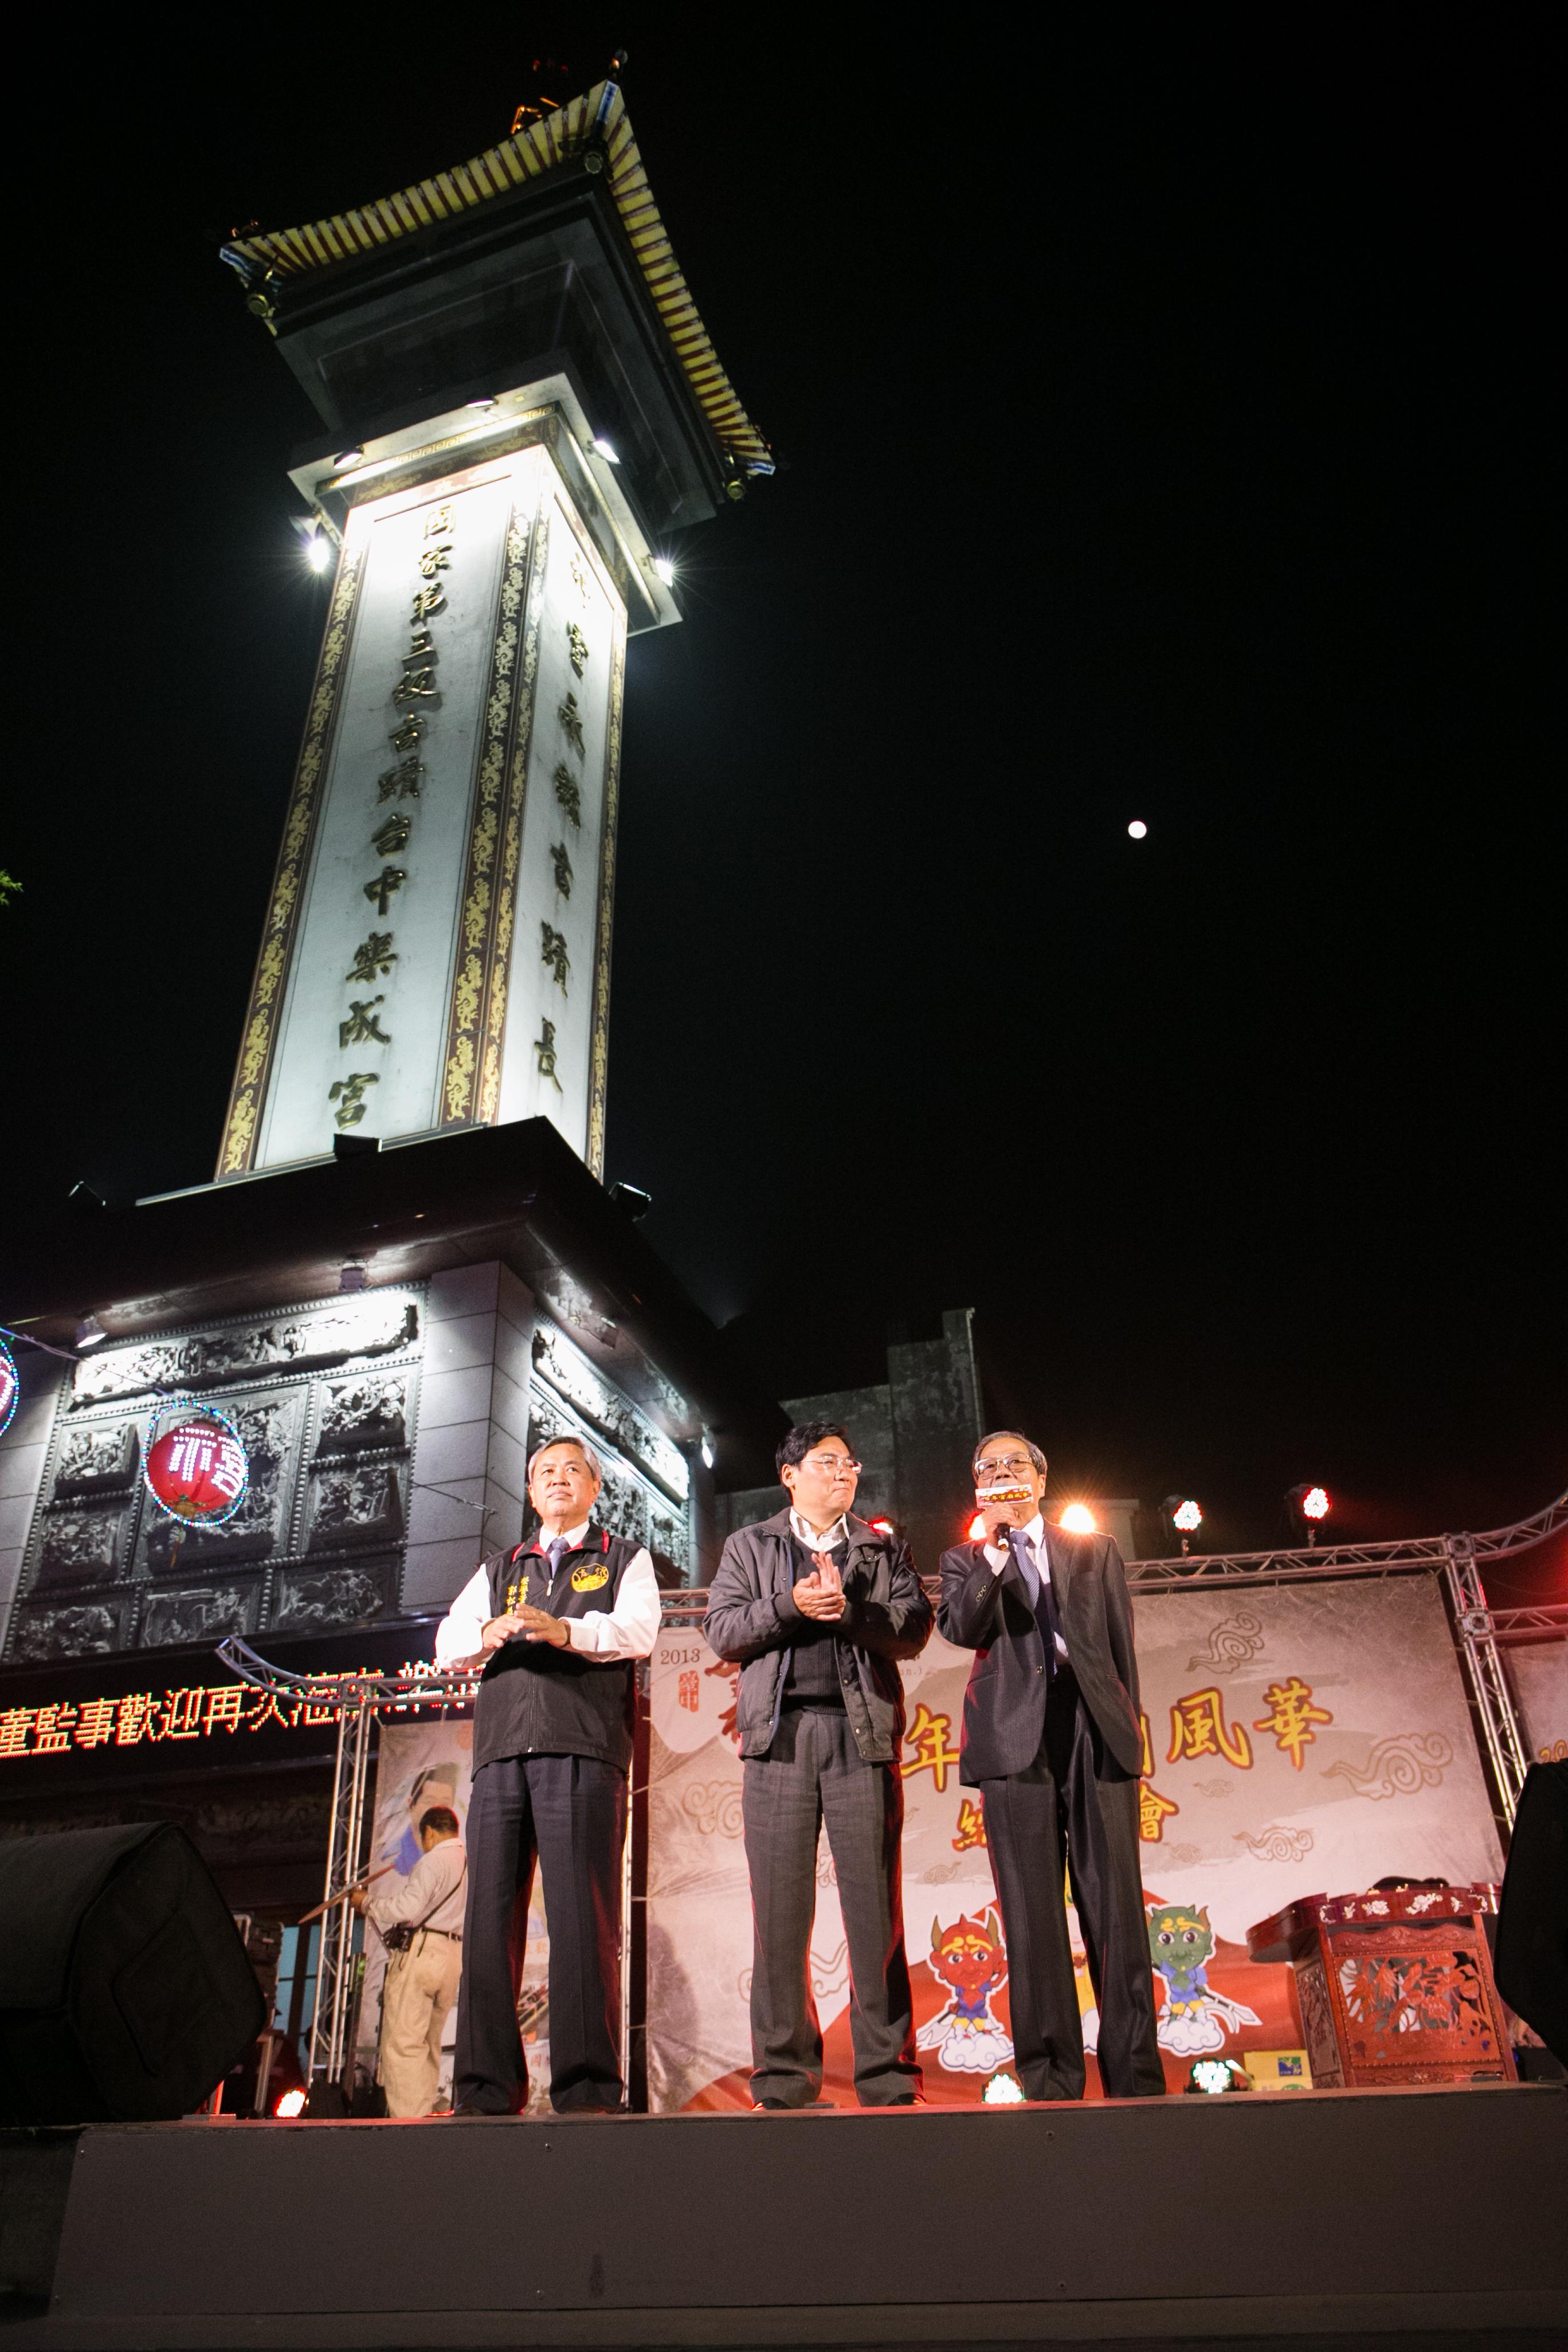 臺中媽祖國際觀光文化節在樂成宮,活動紀錄拍攝者台中婚錄張西米4